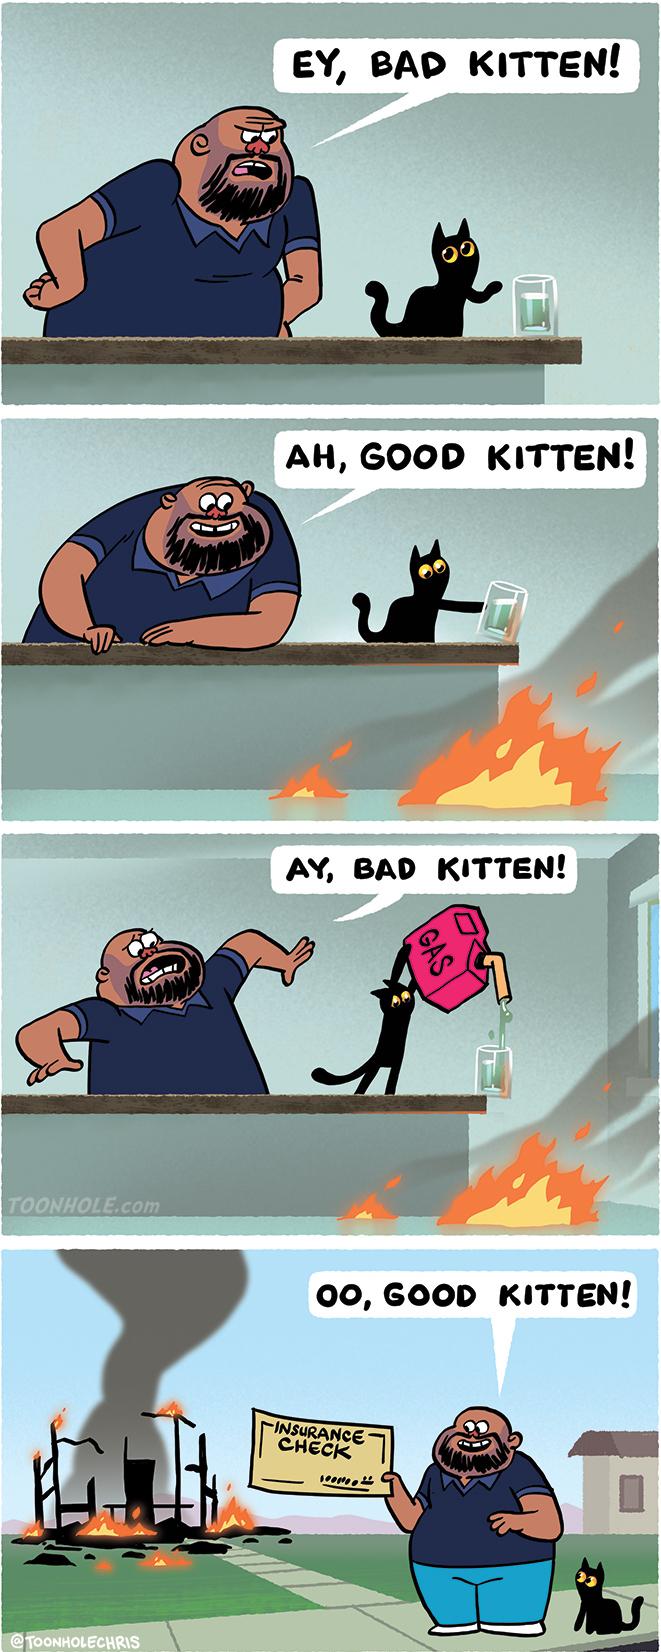 Good Kitten!